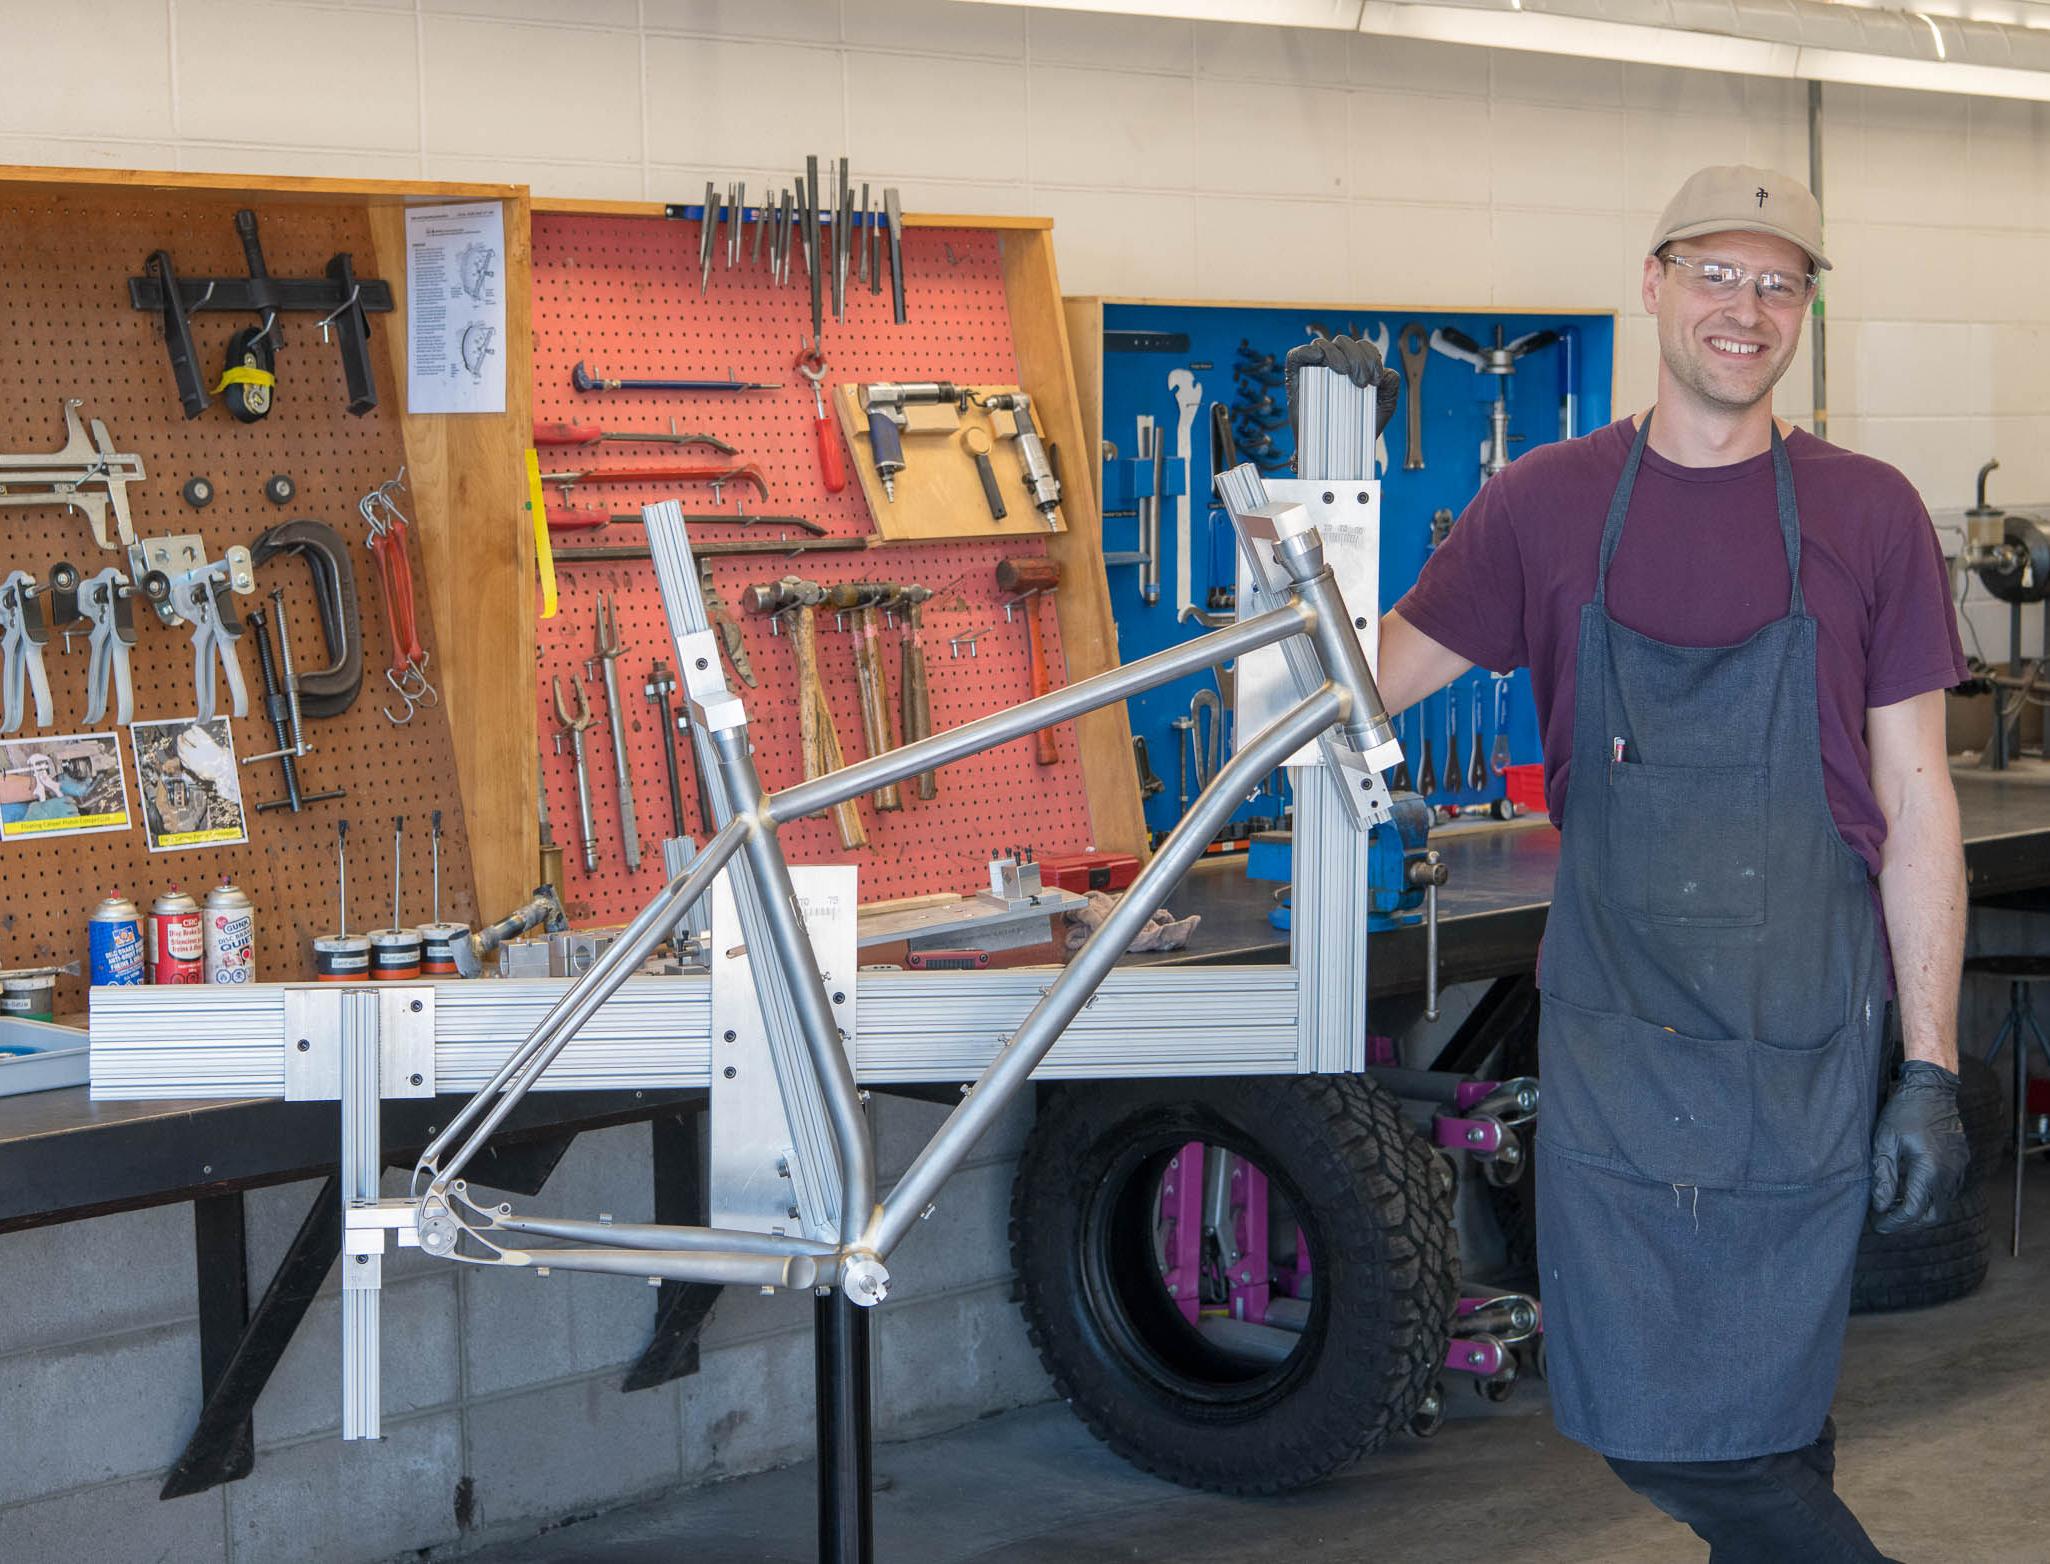 Tim Sorensen and his custom bike jig